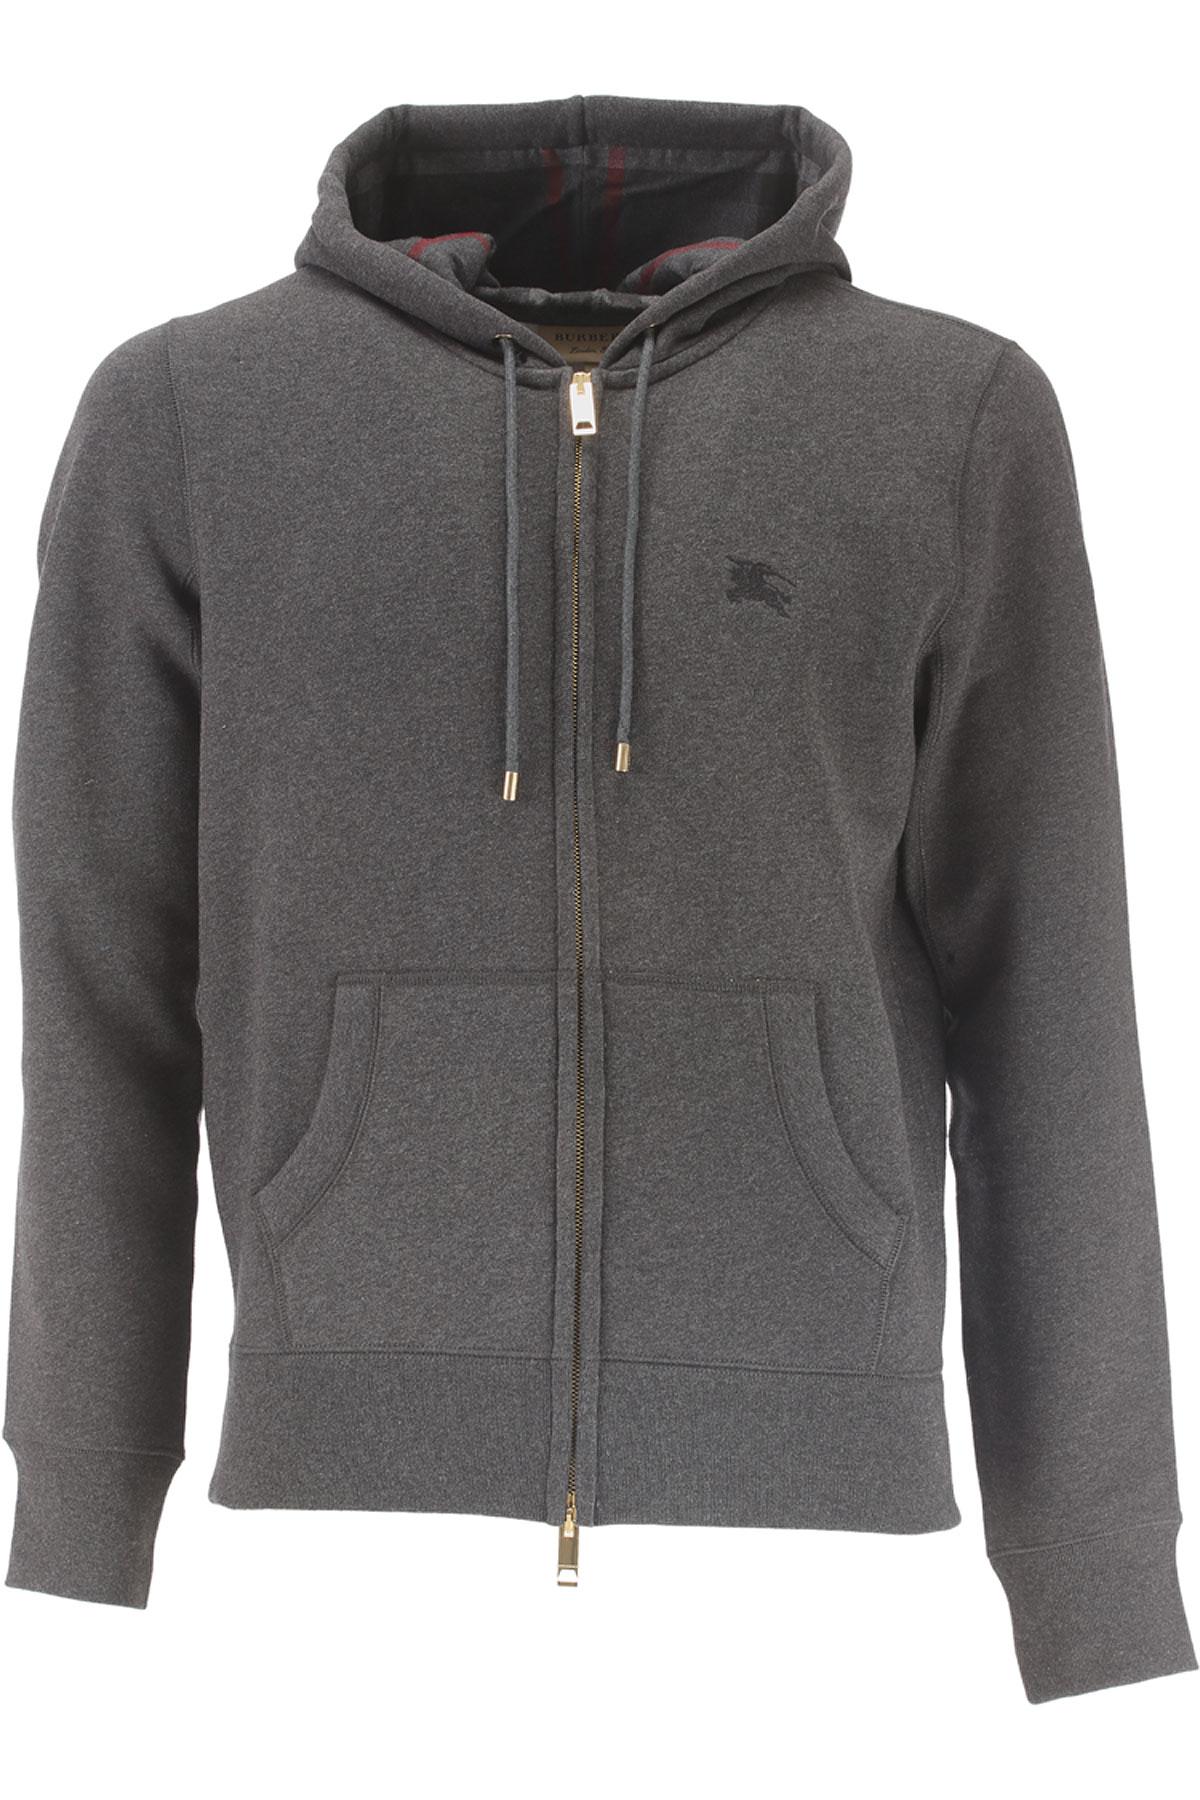 burberry hoodie mens 2017